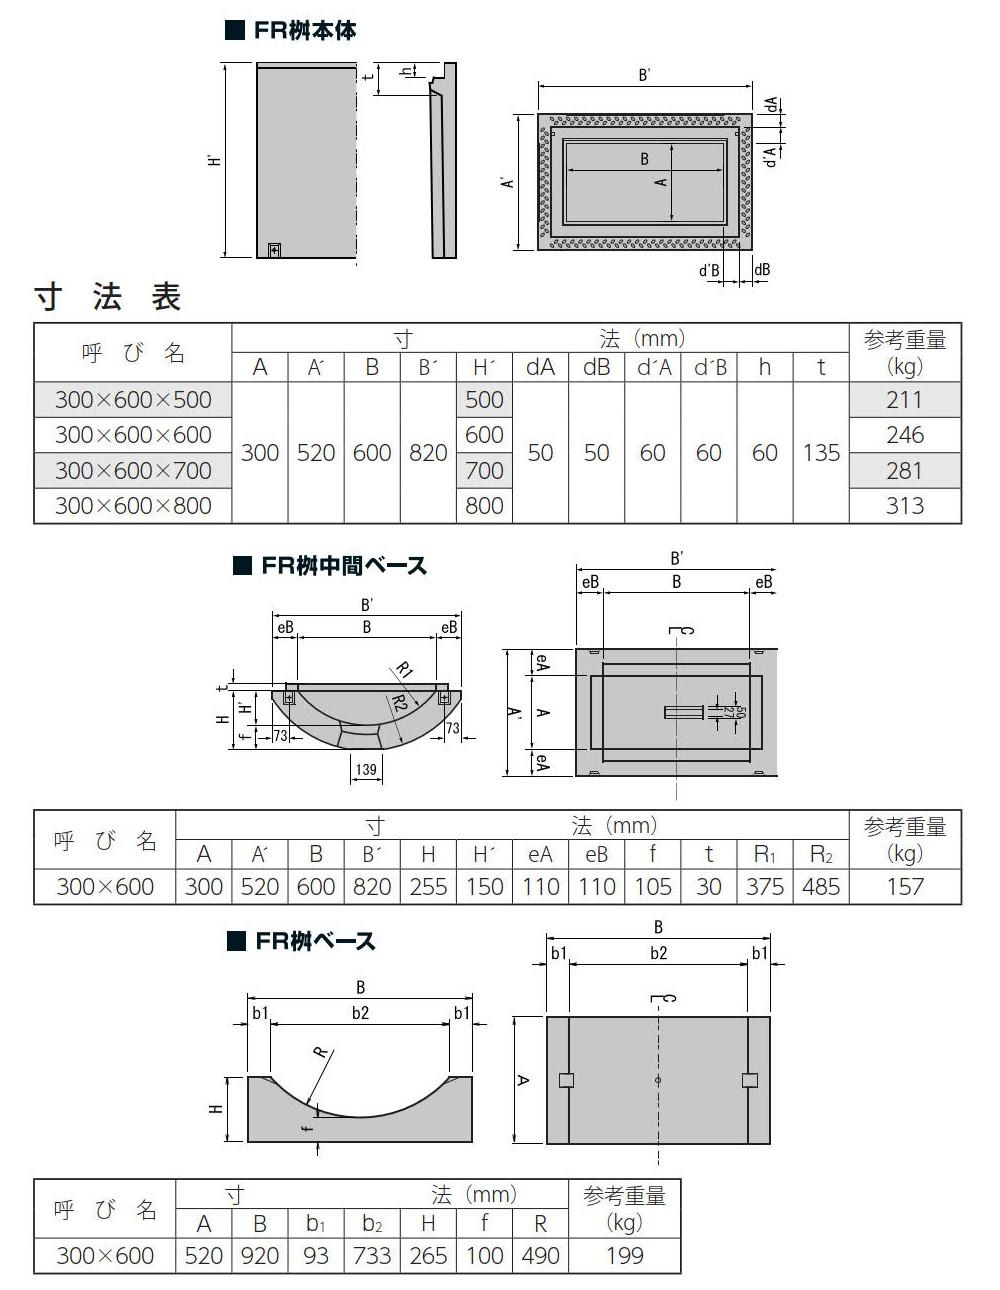 オリジナル側溝|FR横断側溝 外形寸法 1